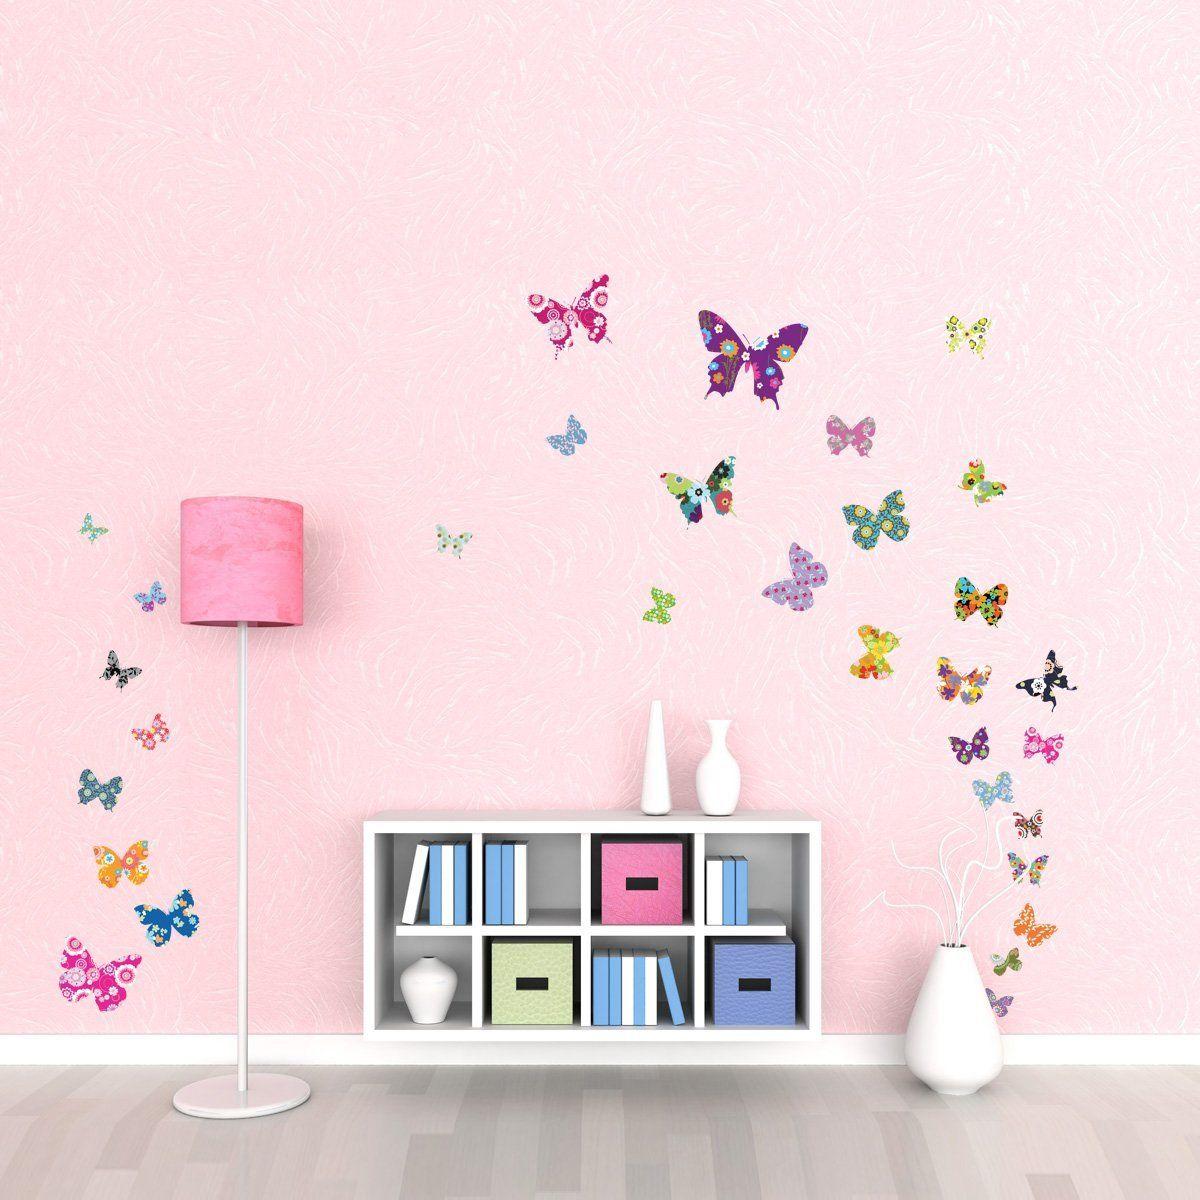 Decowall DW-1201, 38 farfalle colorate Adesivi da parete  wall stickers  adesivi da parete ...